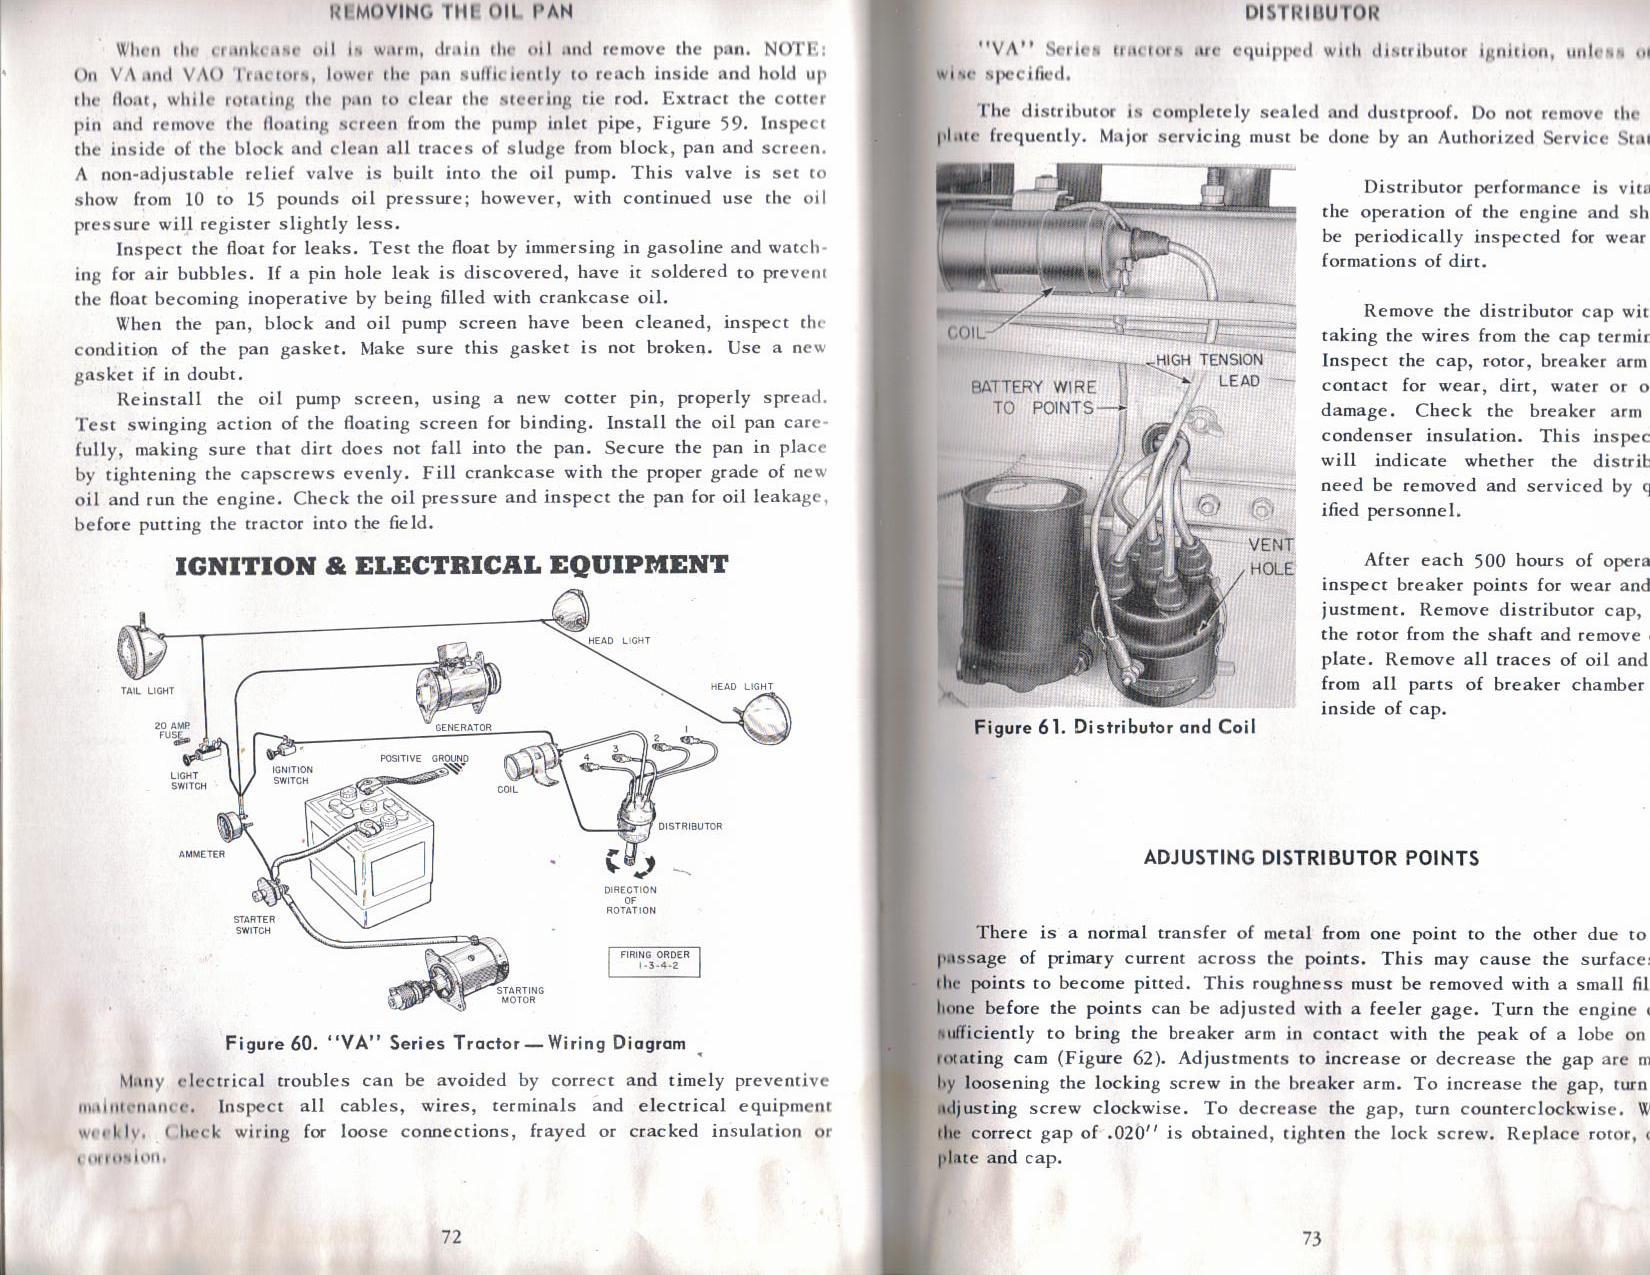 Wiring Diagram Farmall Cub Wiring Diagram Http Www Farmallcub Info